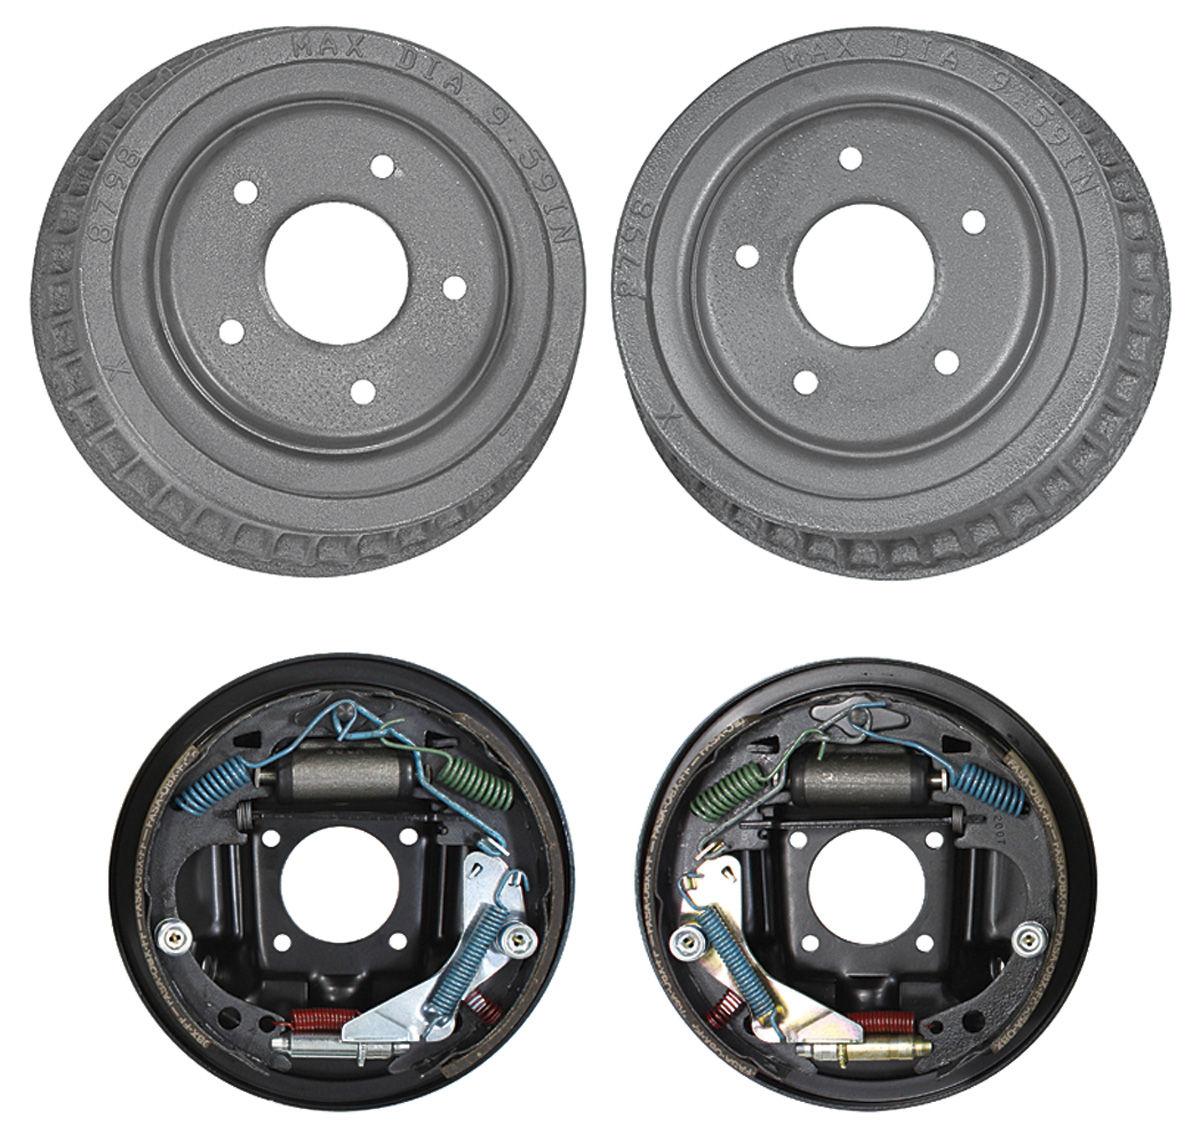 chevy drum brakes diagram 2004 chrysler sebring power window wiring 1964 72 chevelle brake assembly rear opgi